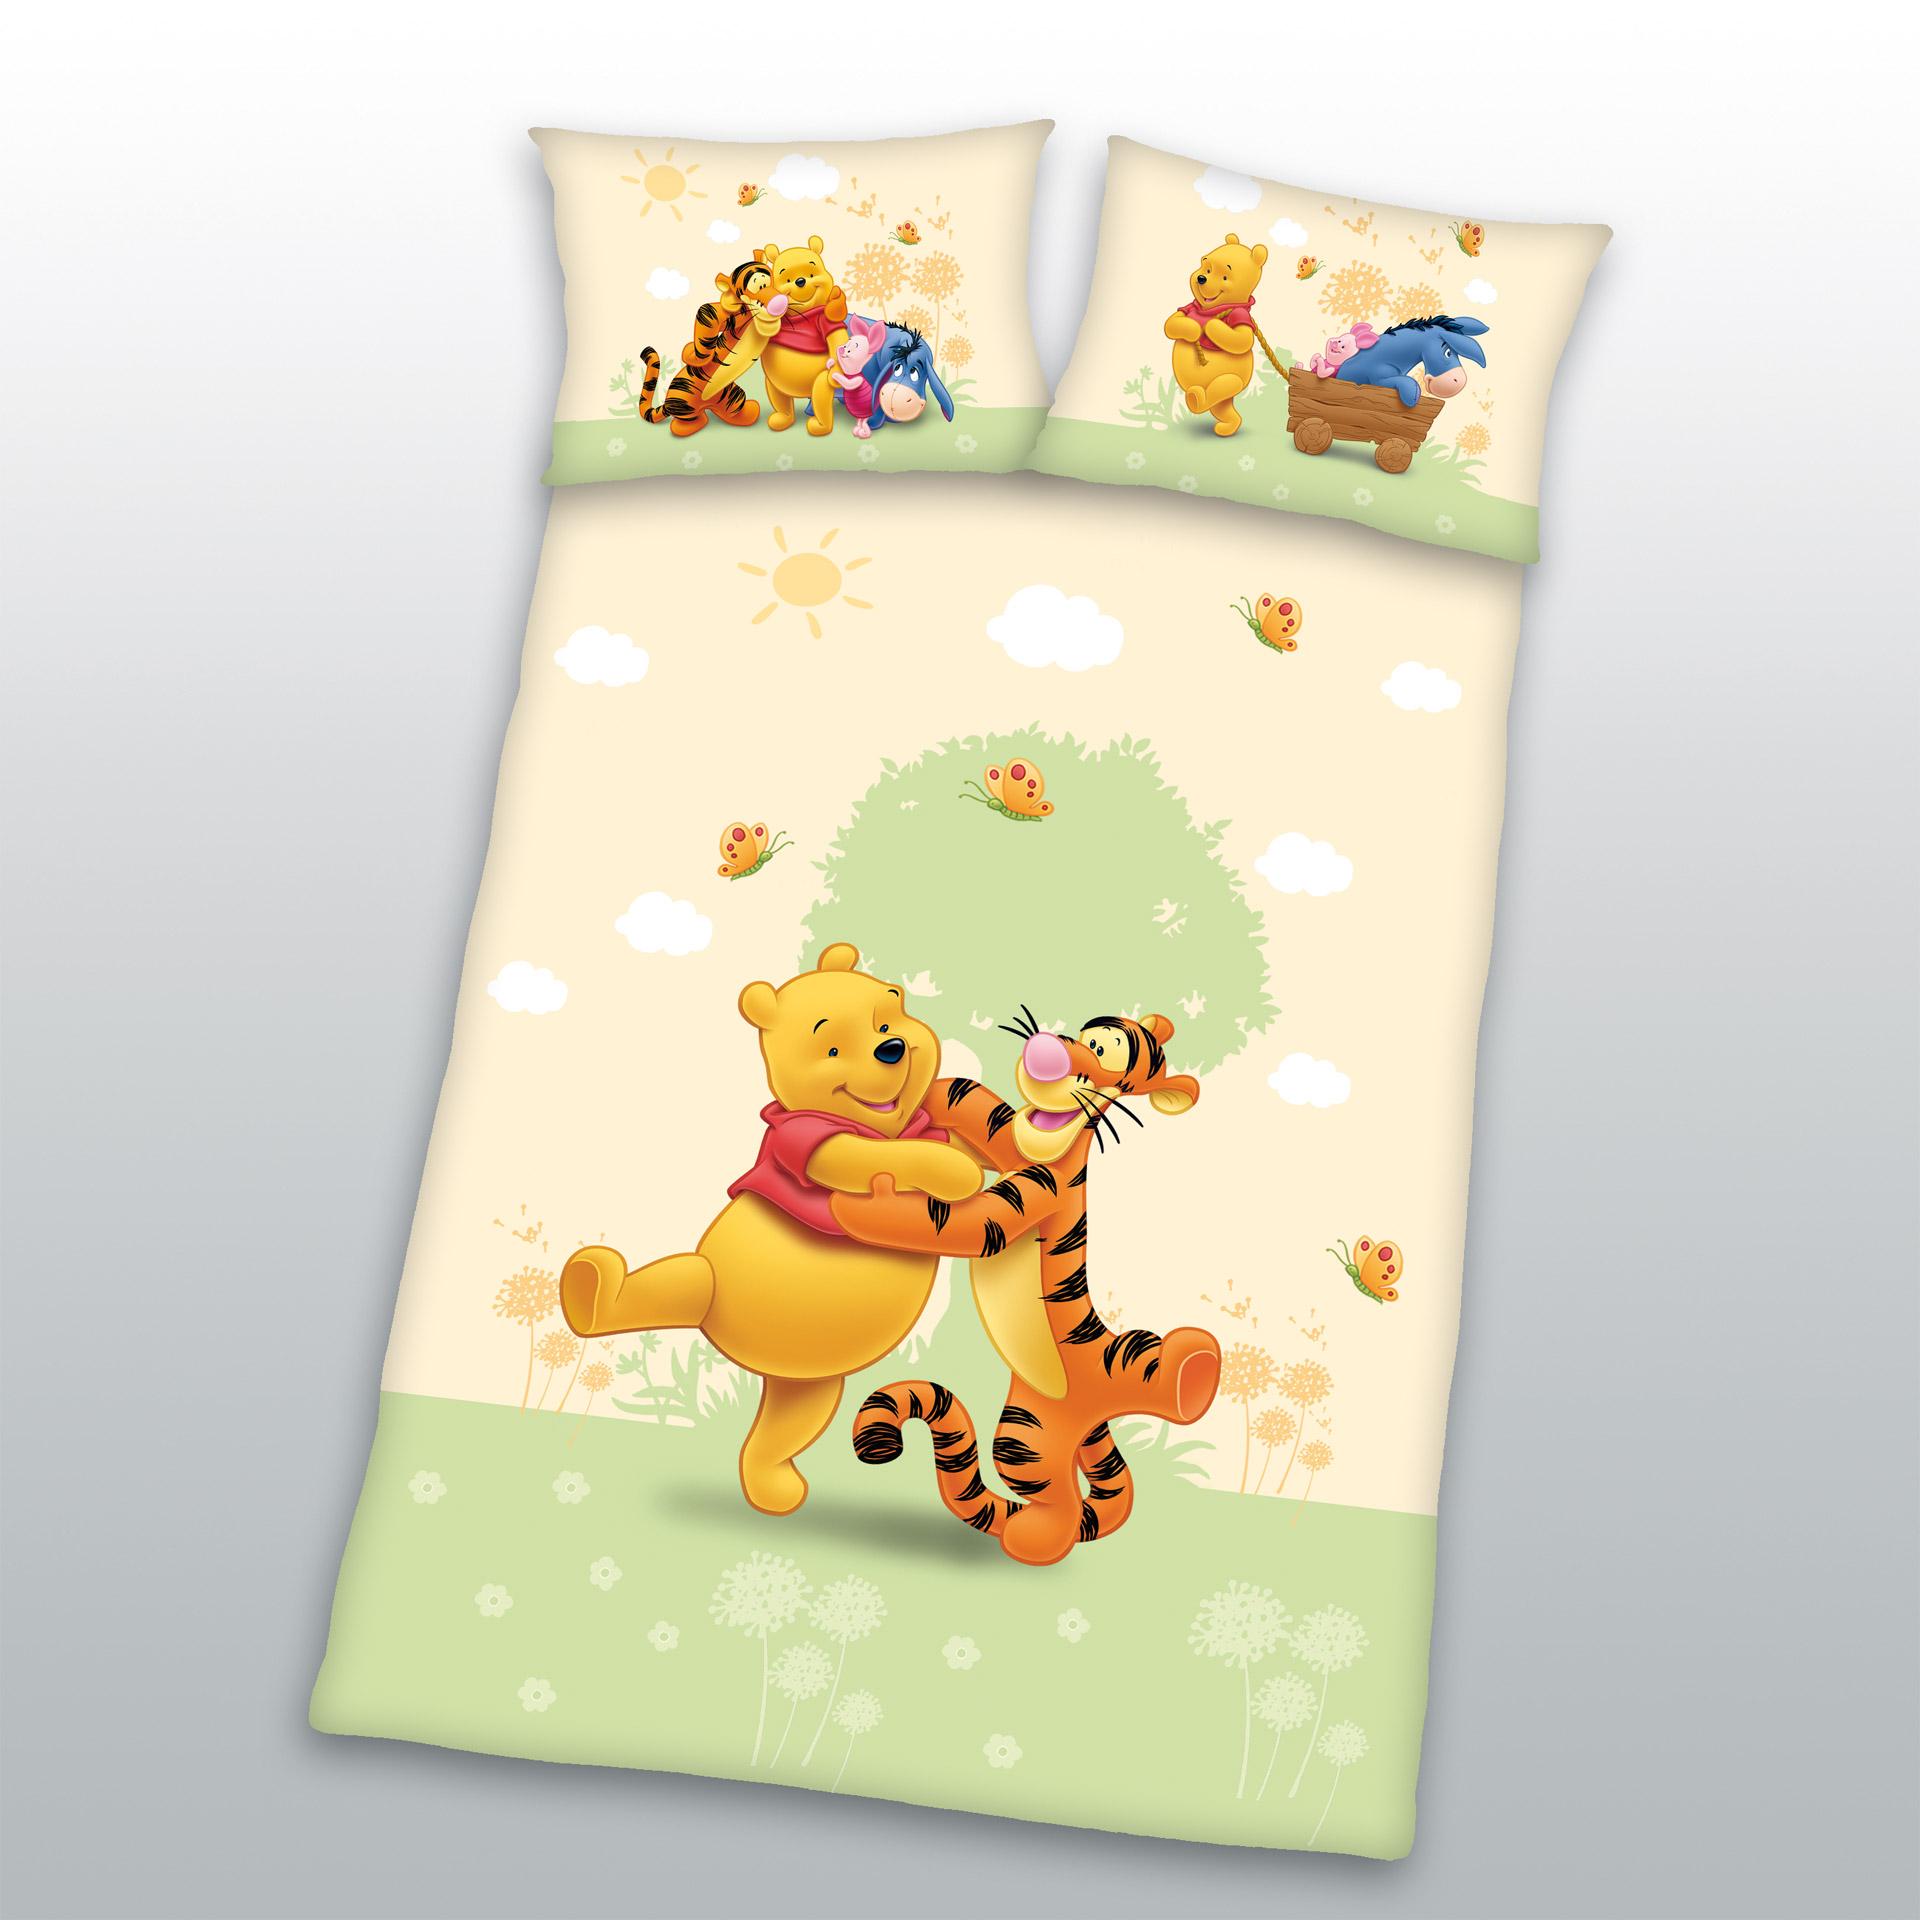 Kinderbettwäsche Winnie Pooh (100x135)